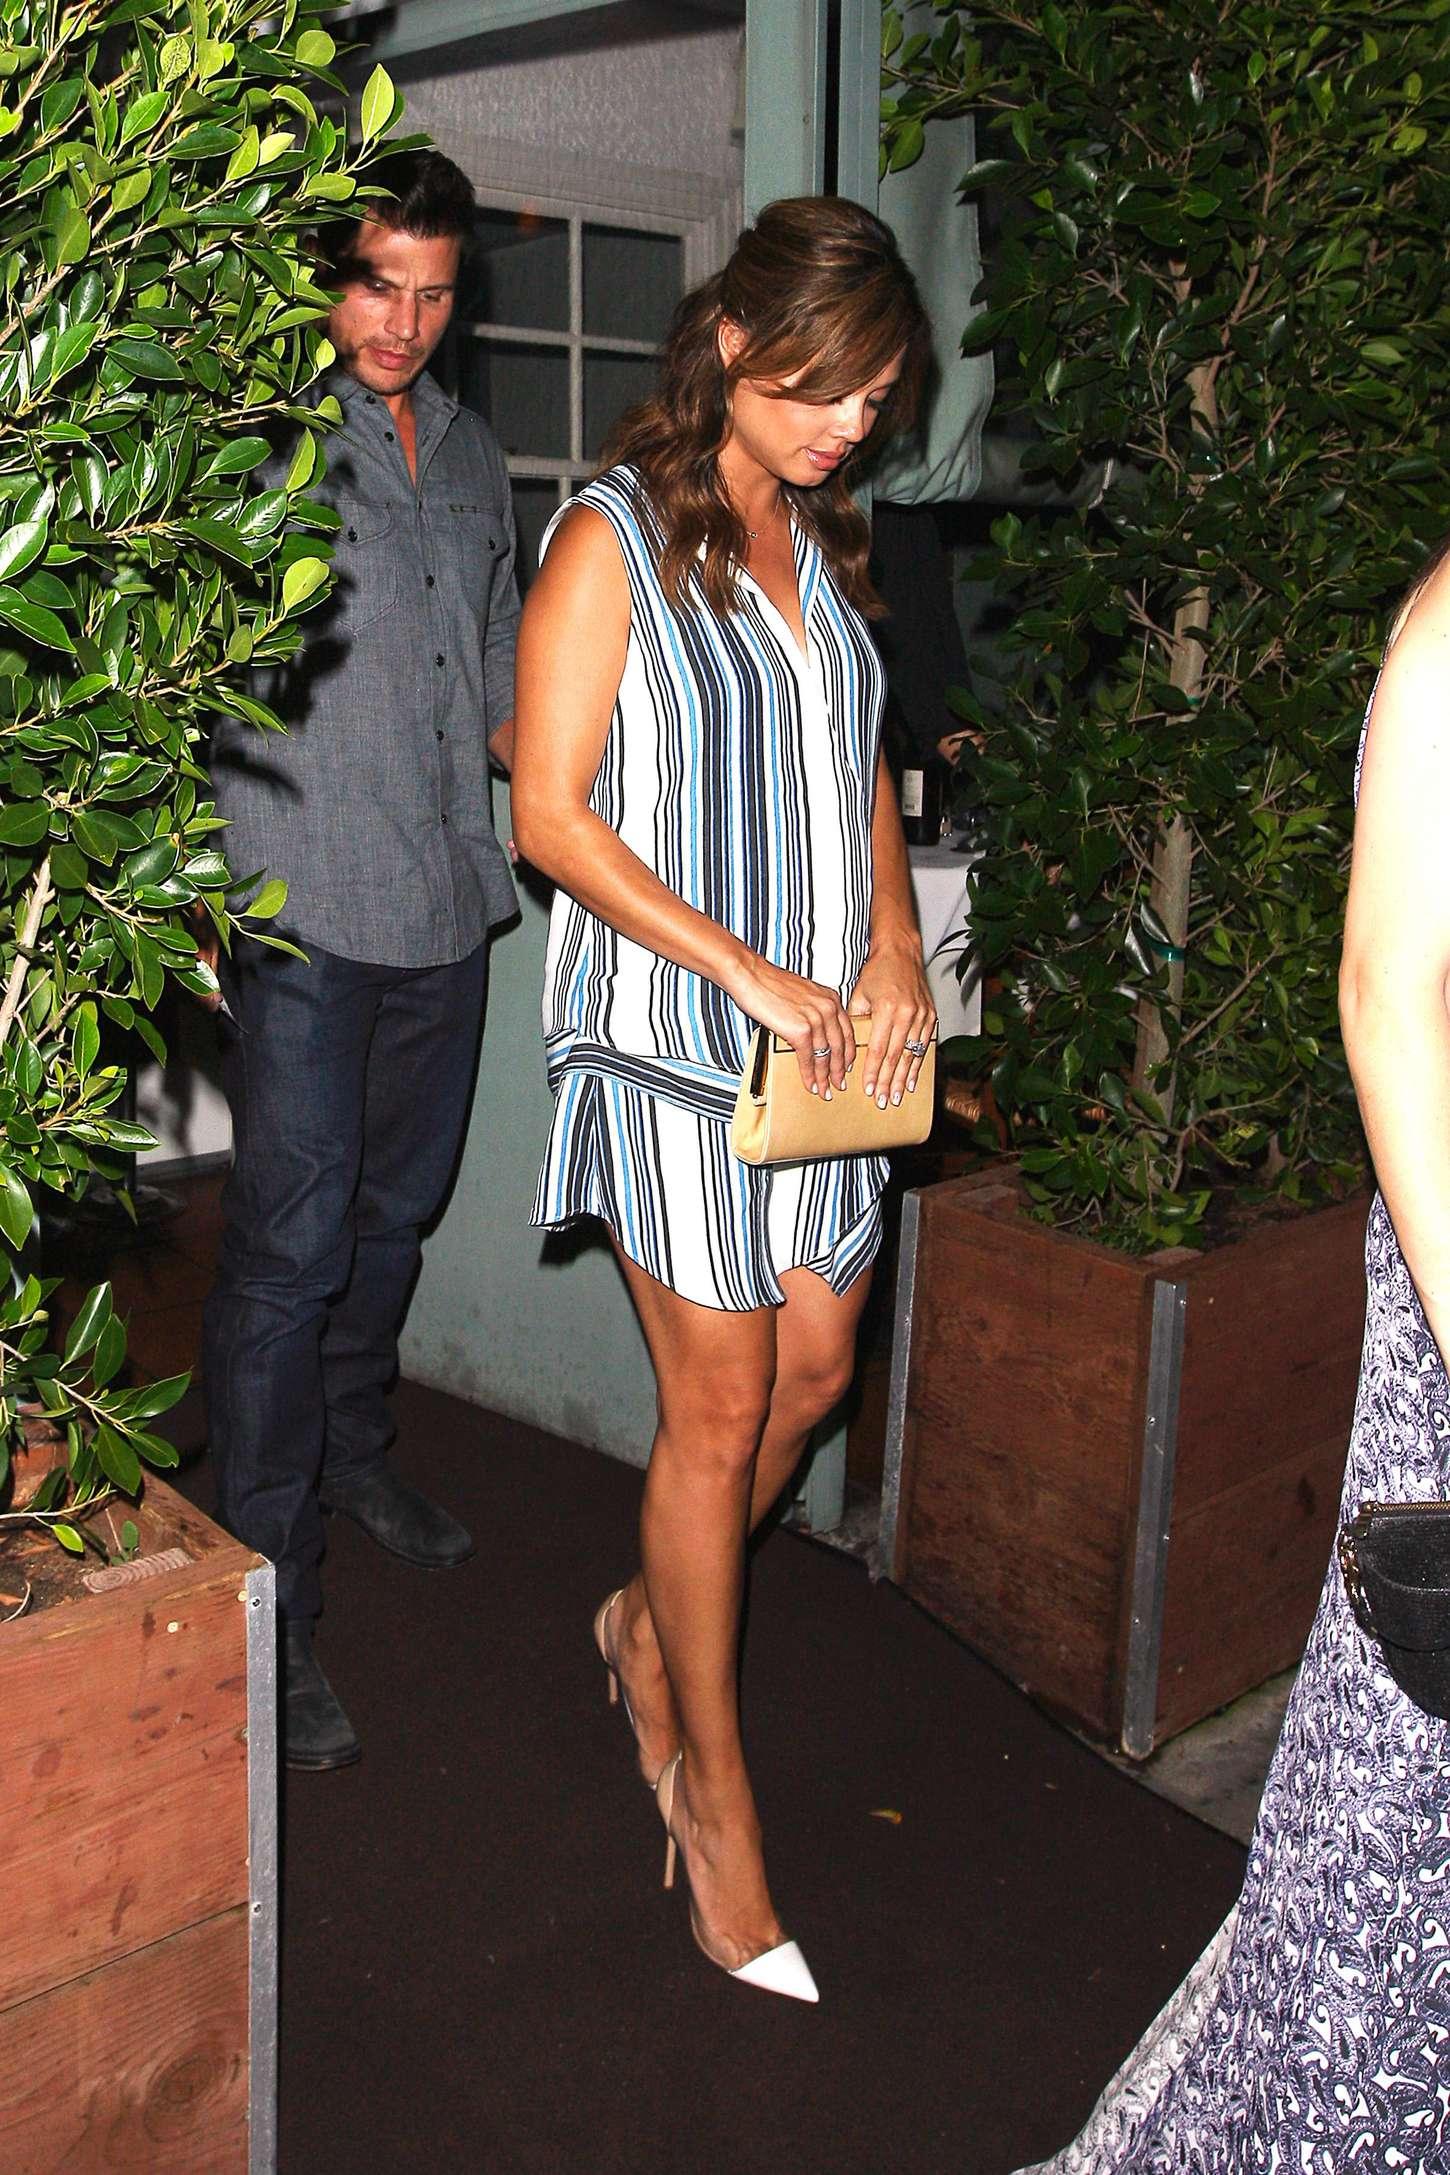 Vanessa Minnillo Leaving Giorgio Baldi Restaurant in Santa Monica